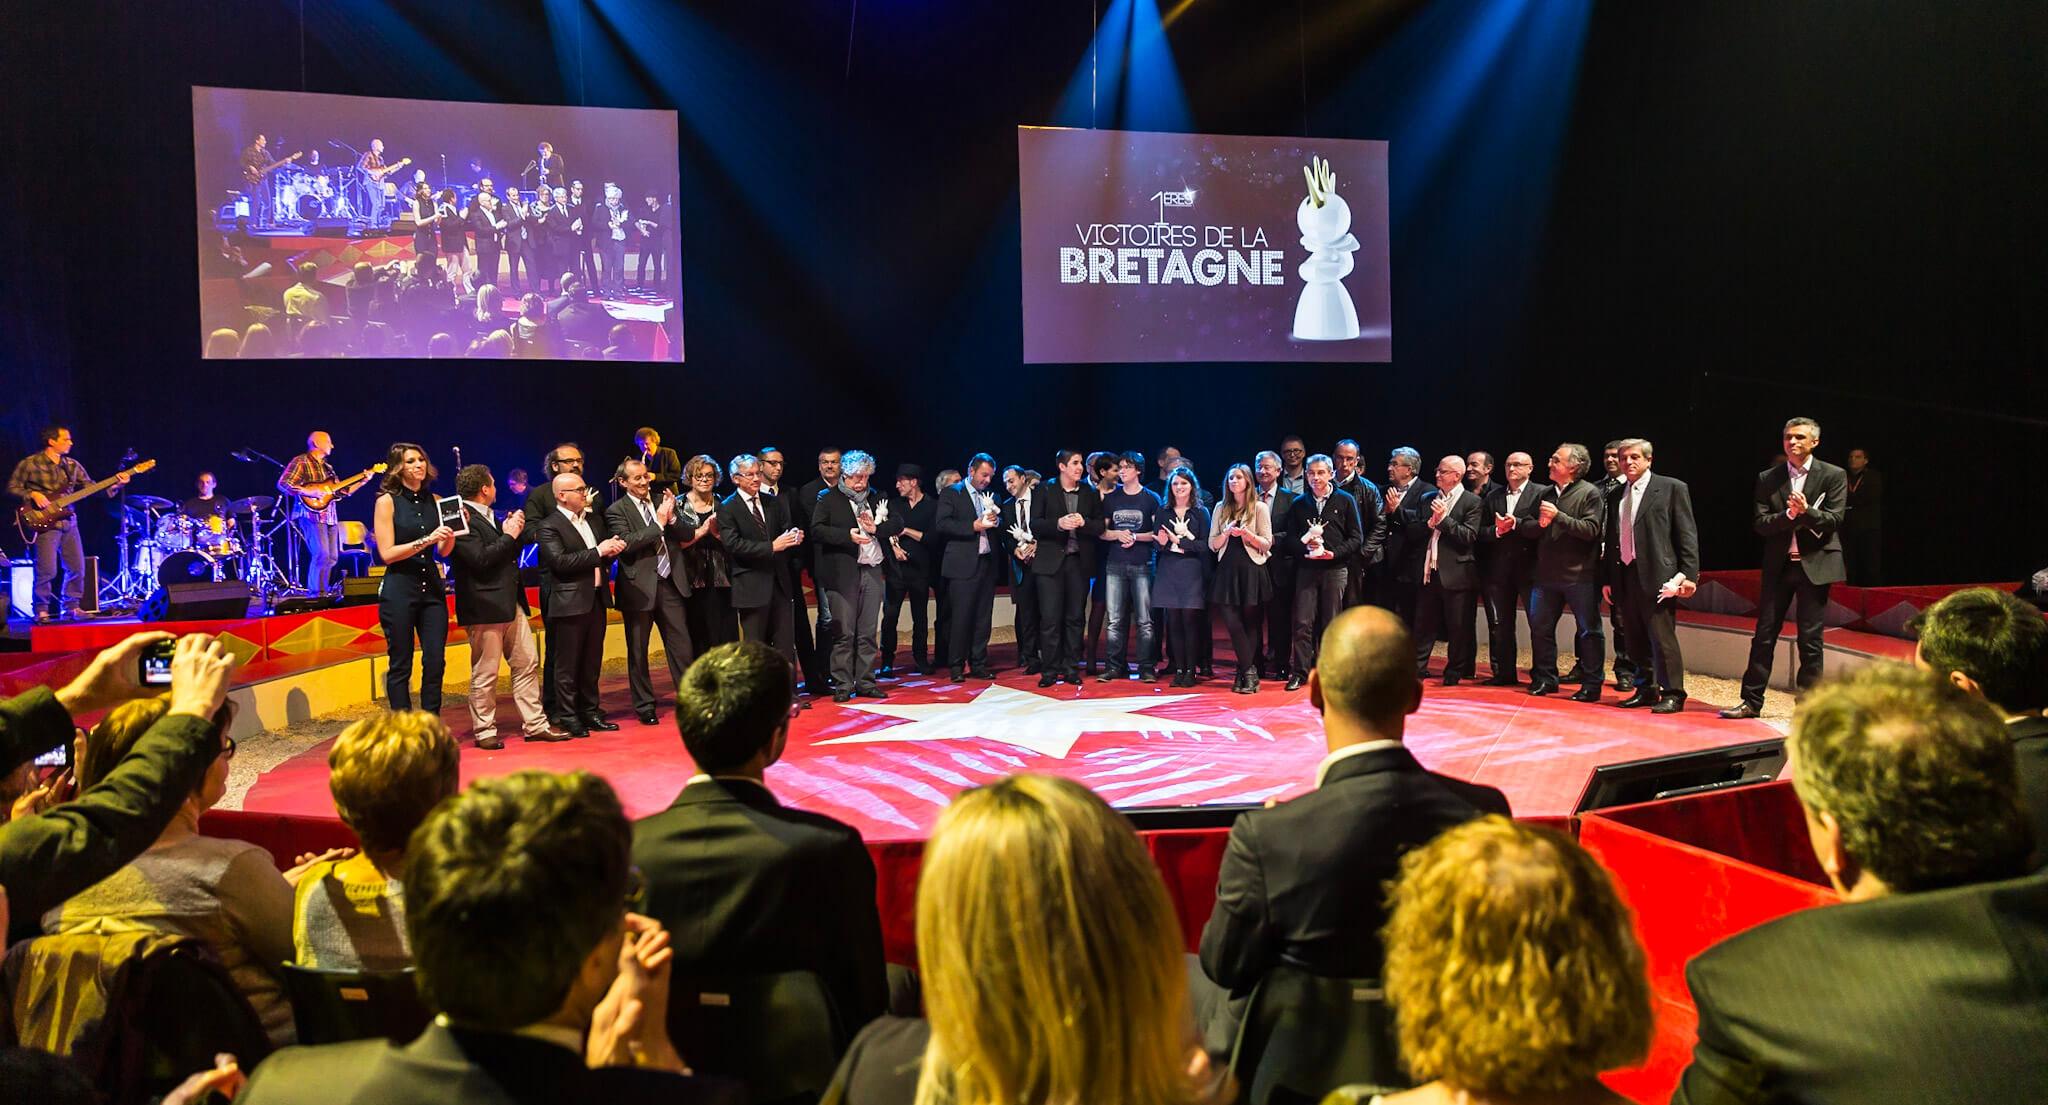 Les réalisations Lehmann Studio, photographe à Angers - reportage photo événementiel Les Victoires de la Bretagne